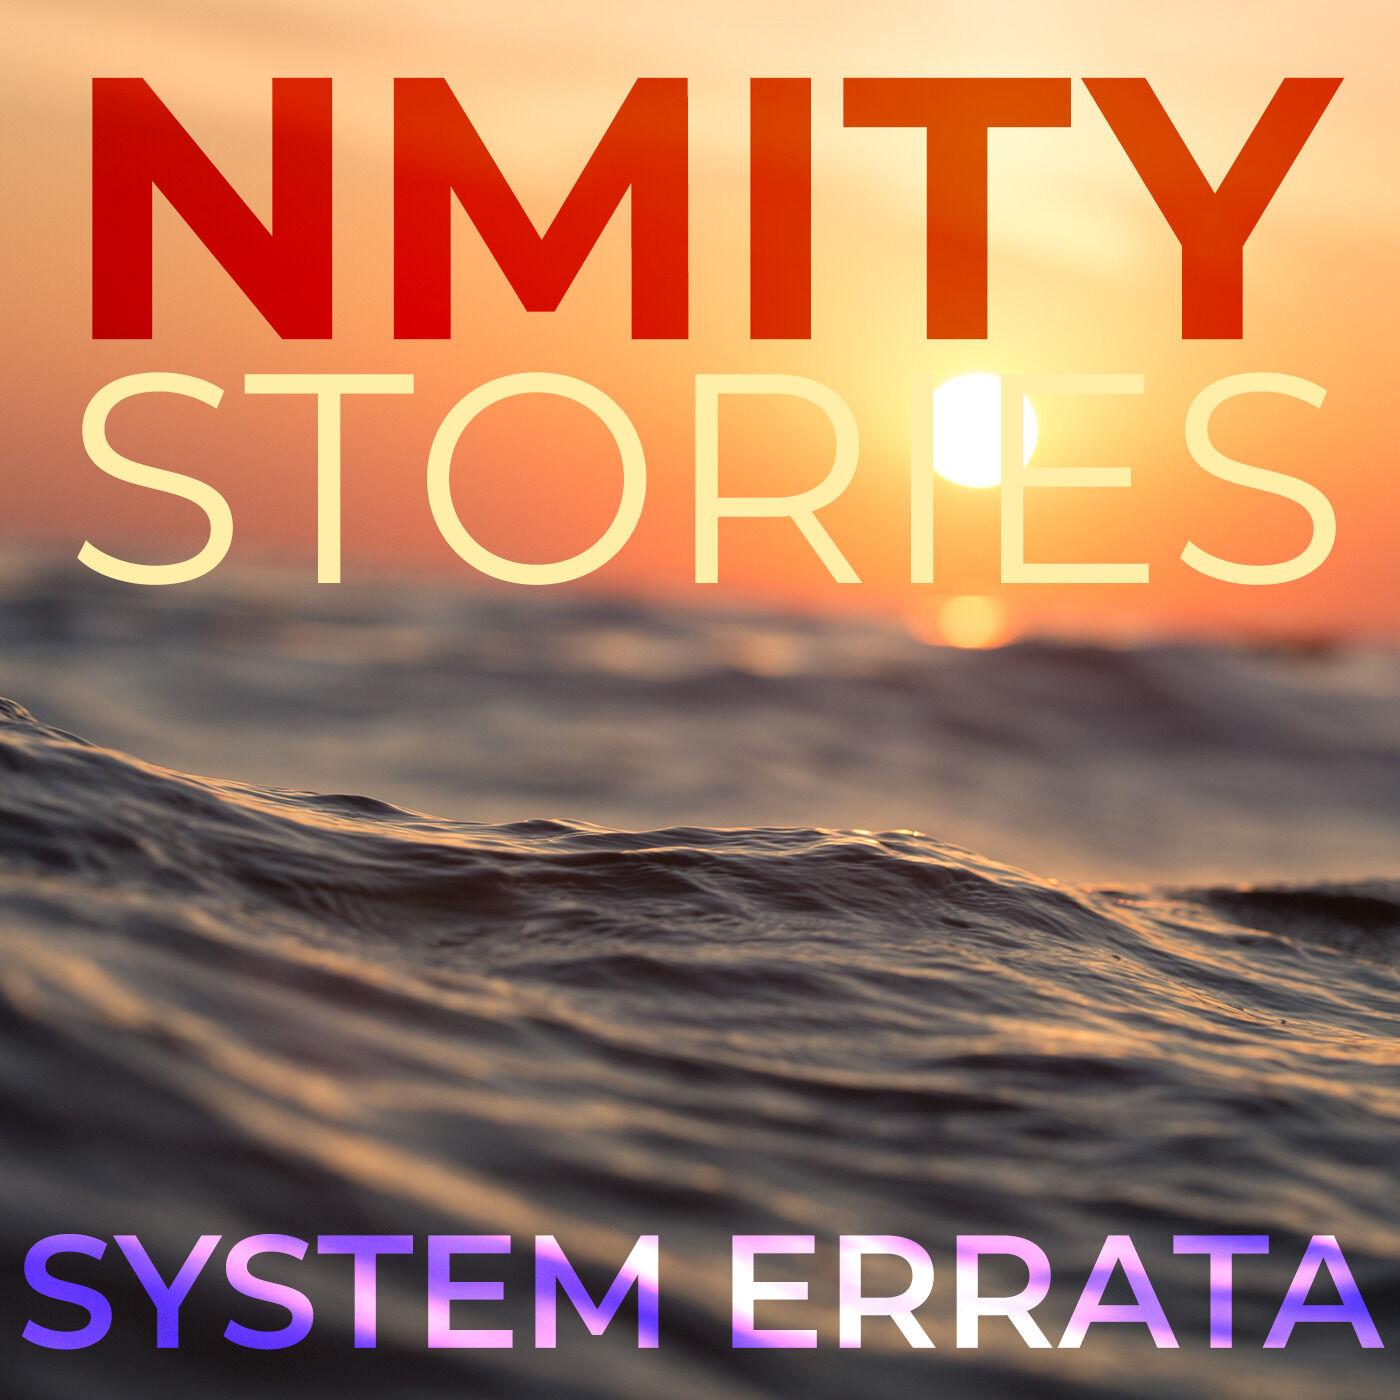 System Errata